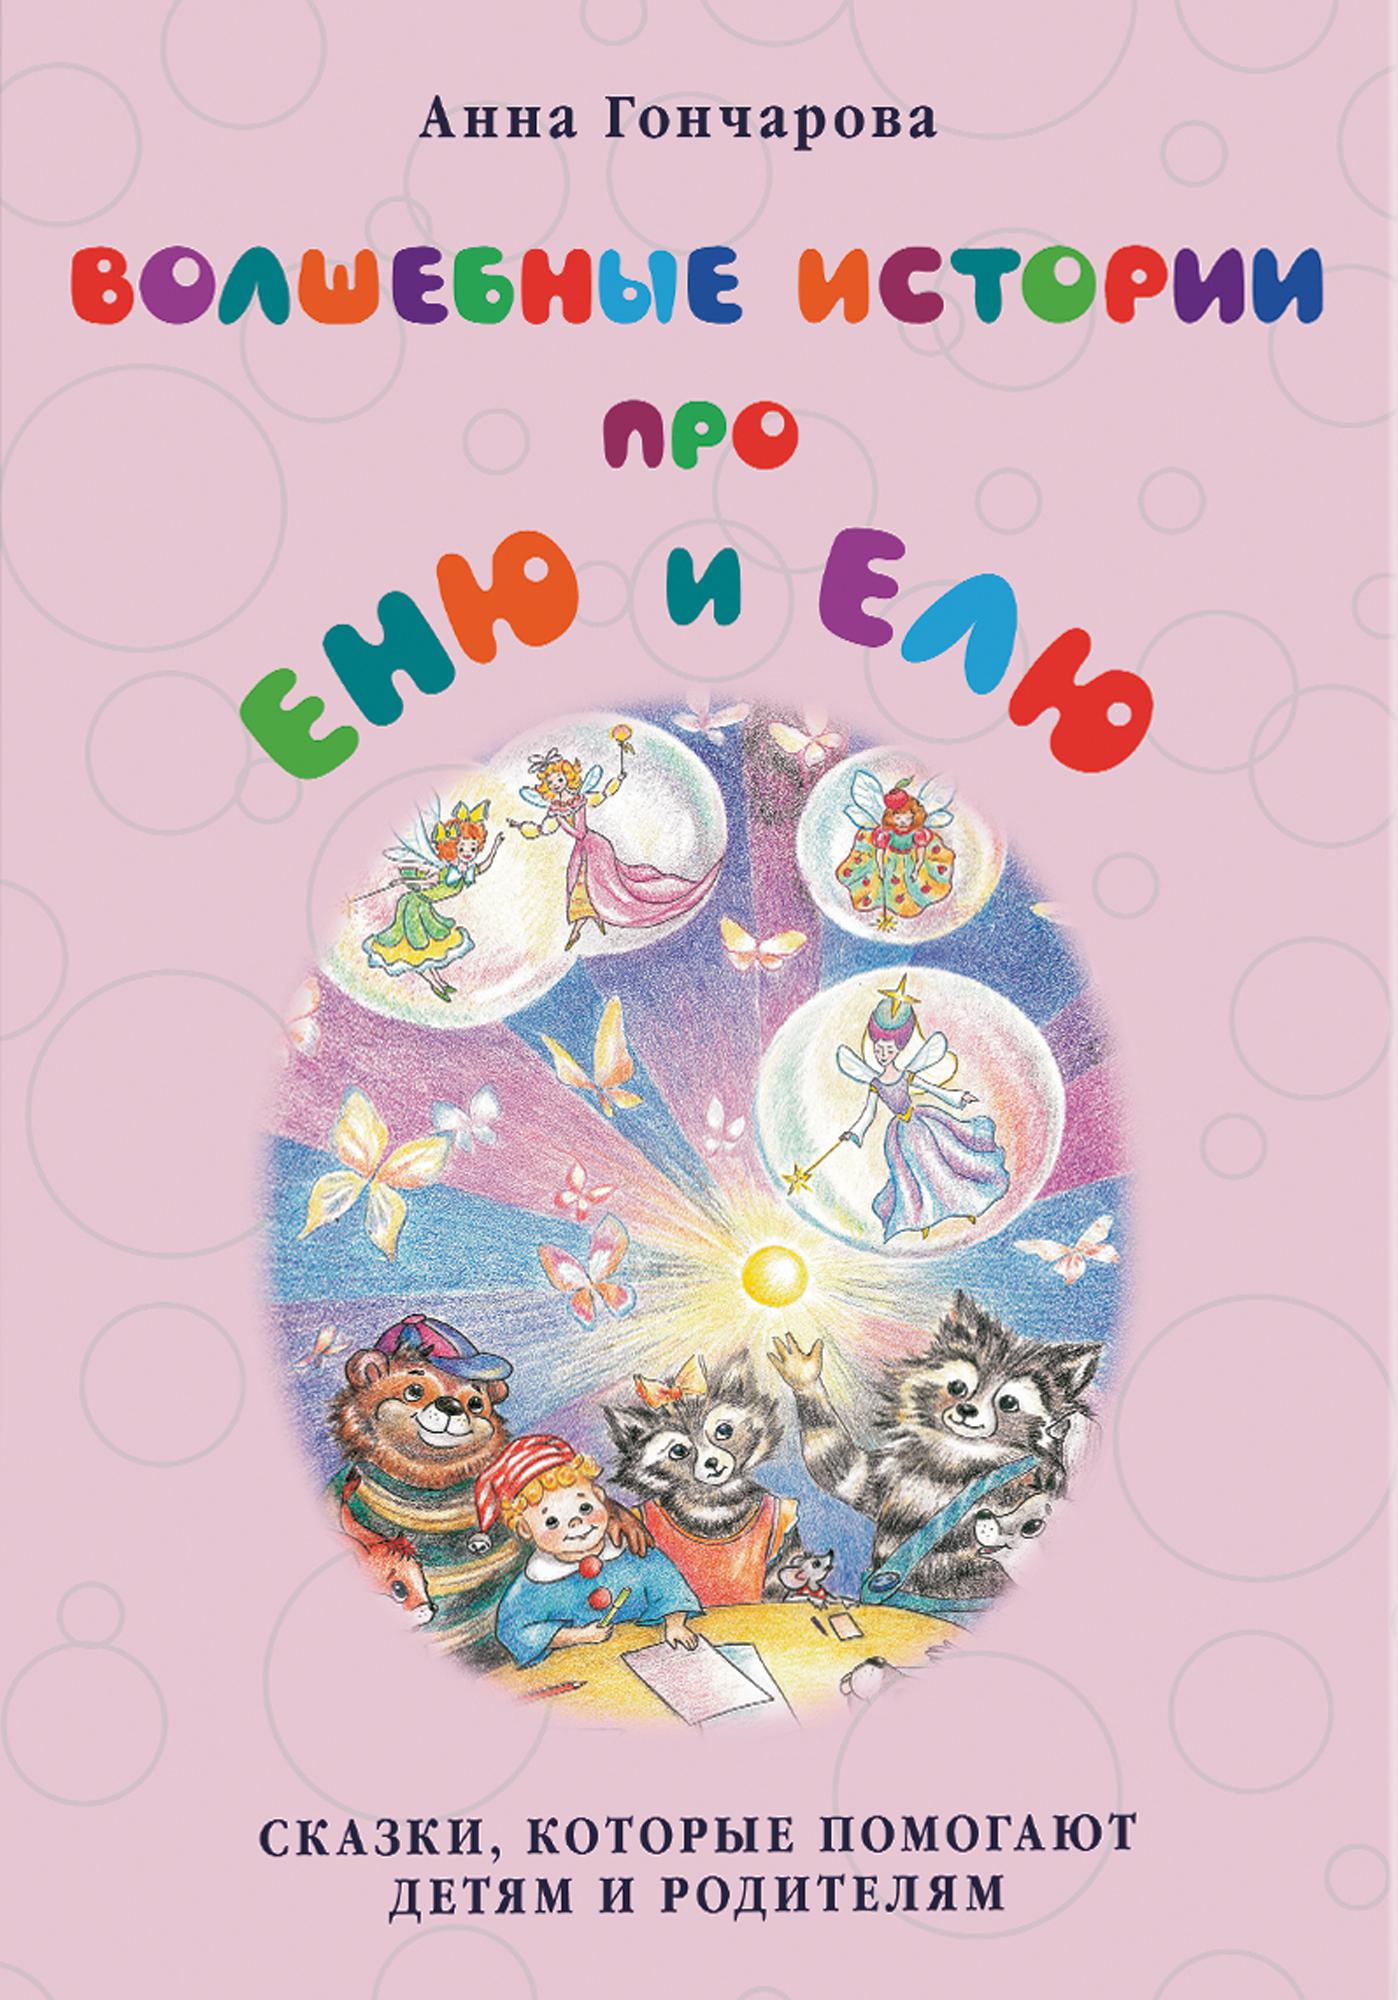 Анна Гончарова Волшебные истории про Еню и Елю